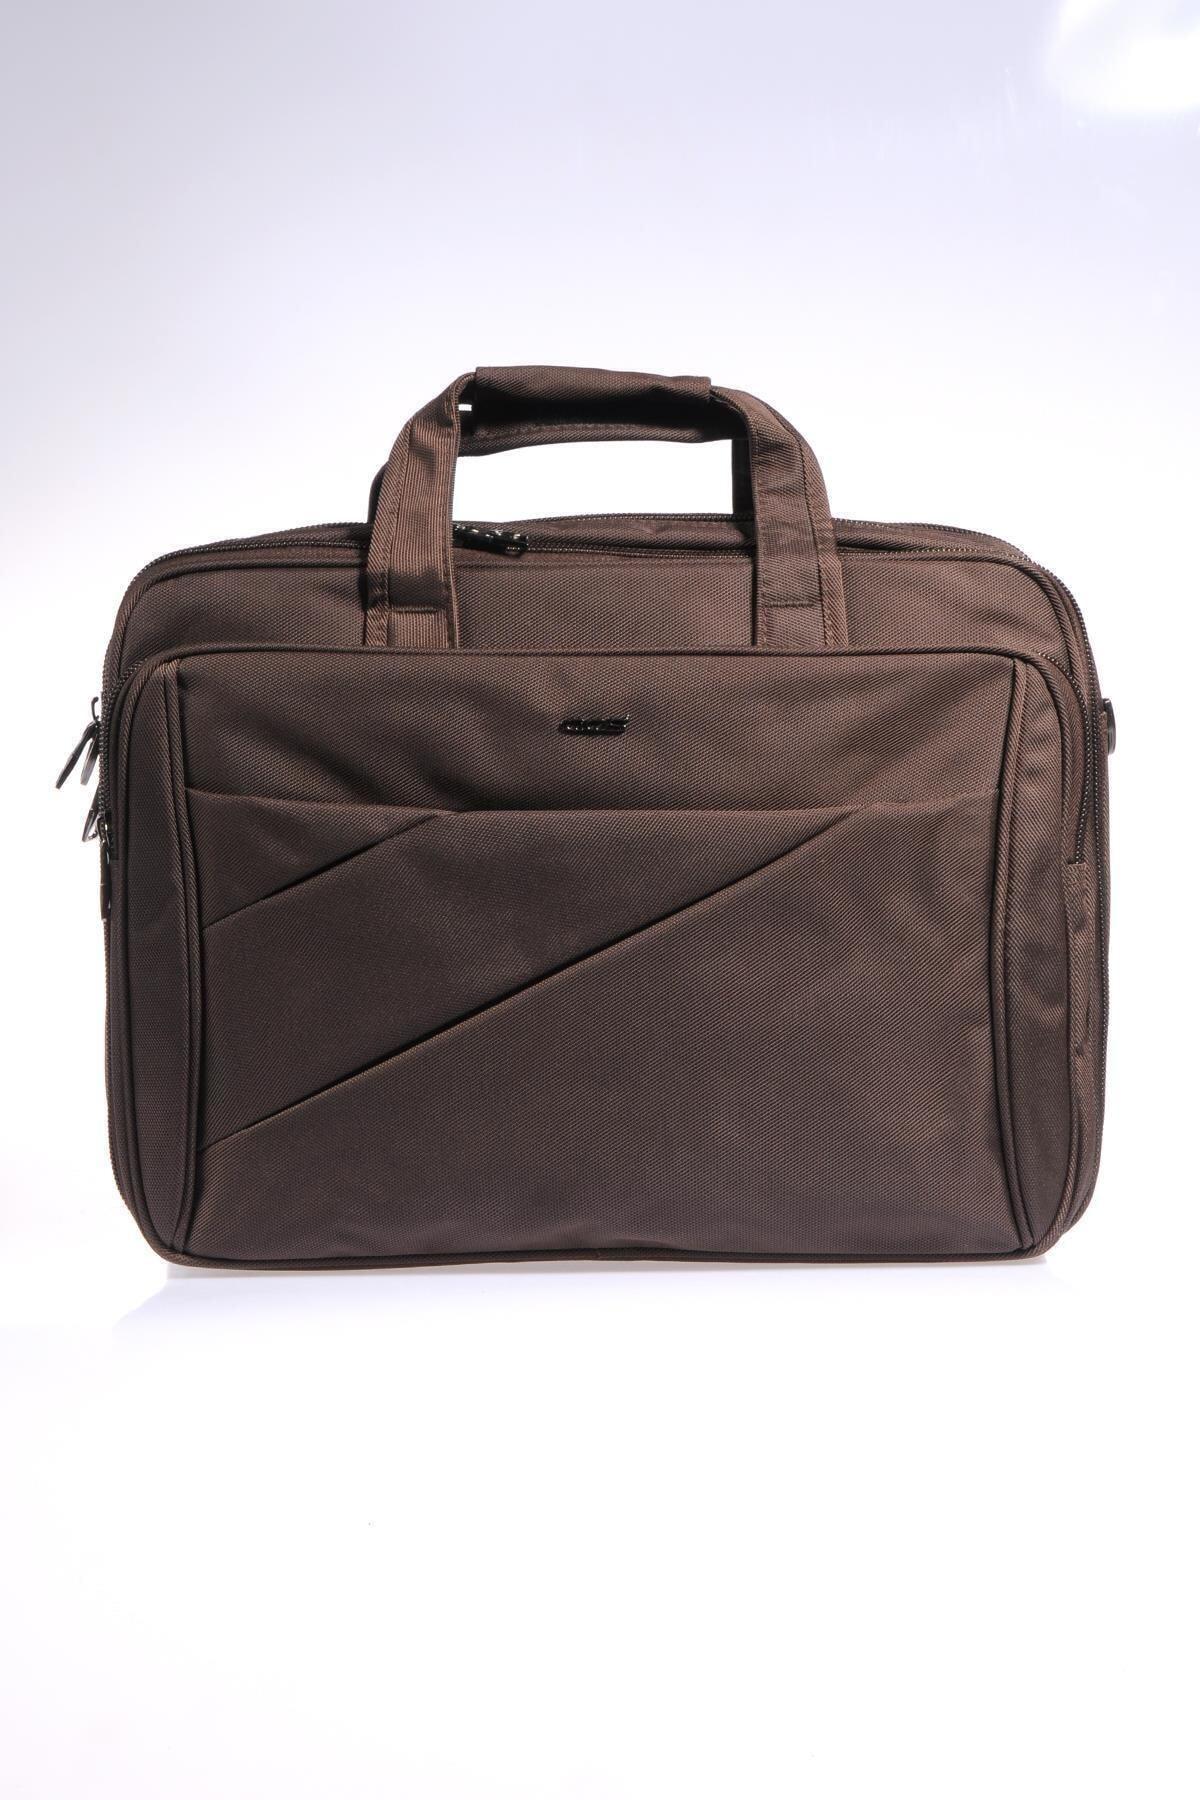 ÇÇS Kahverengi Unisex Laptop/Evrak Çantası Ççs71369 1